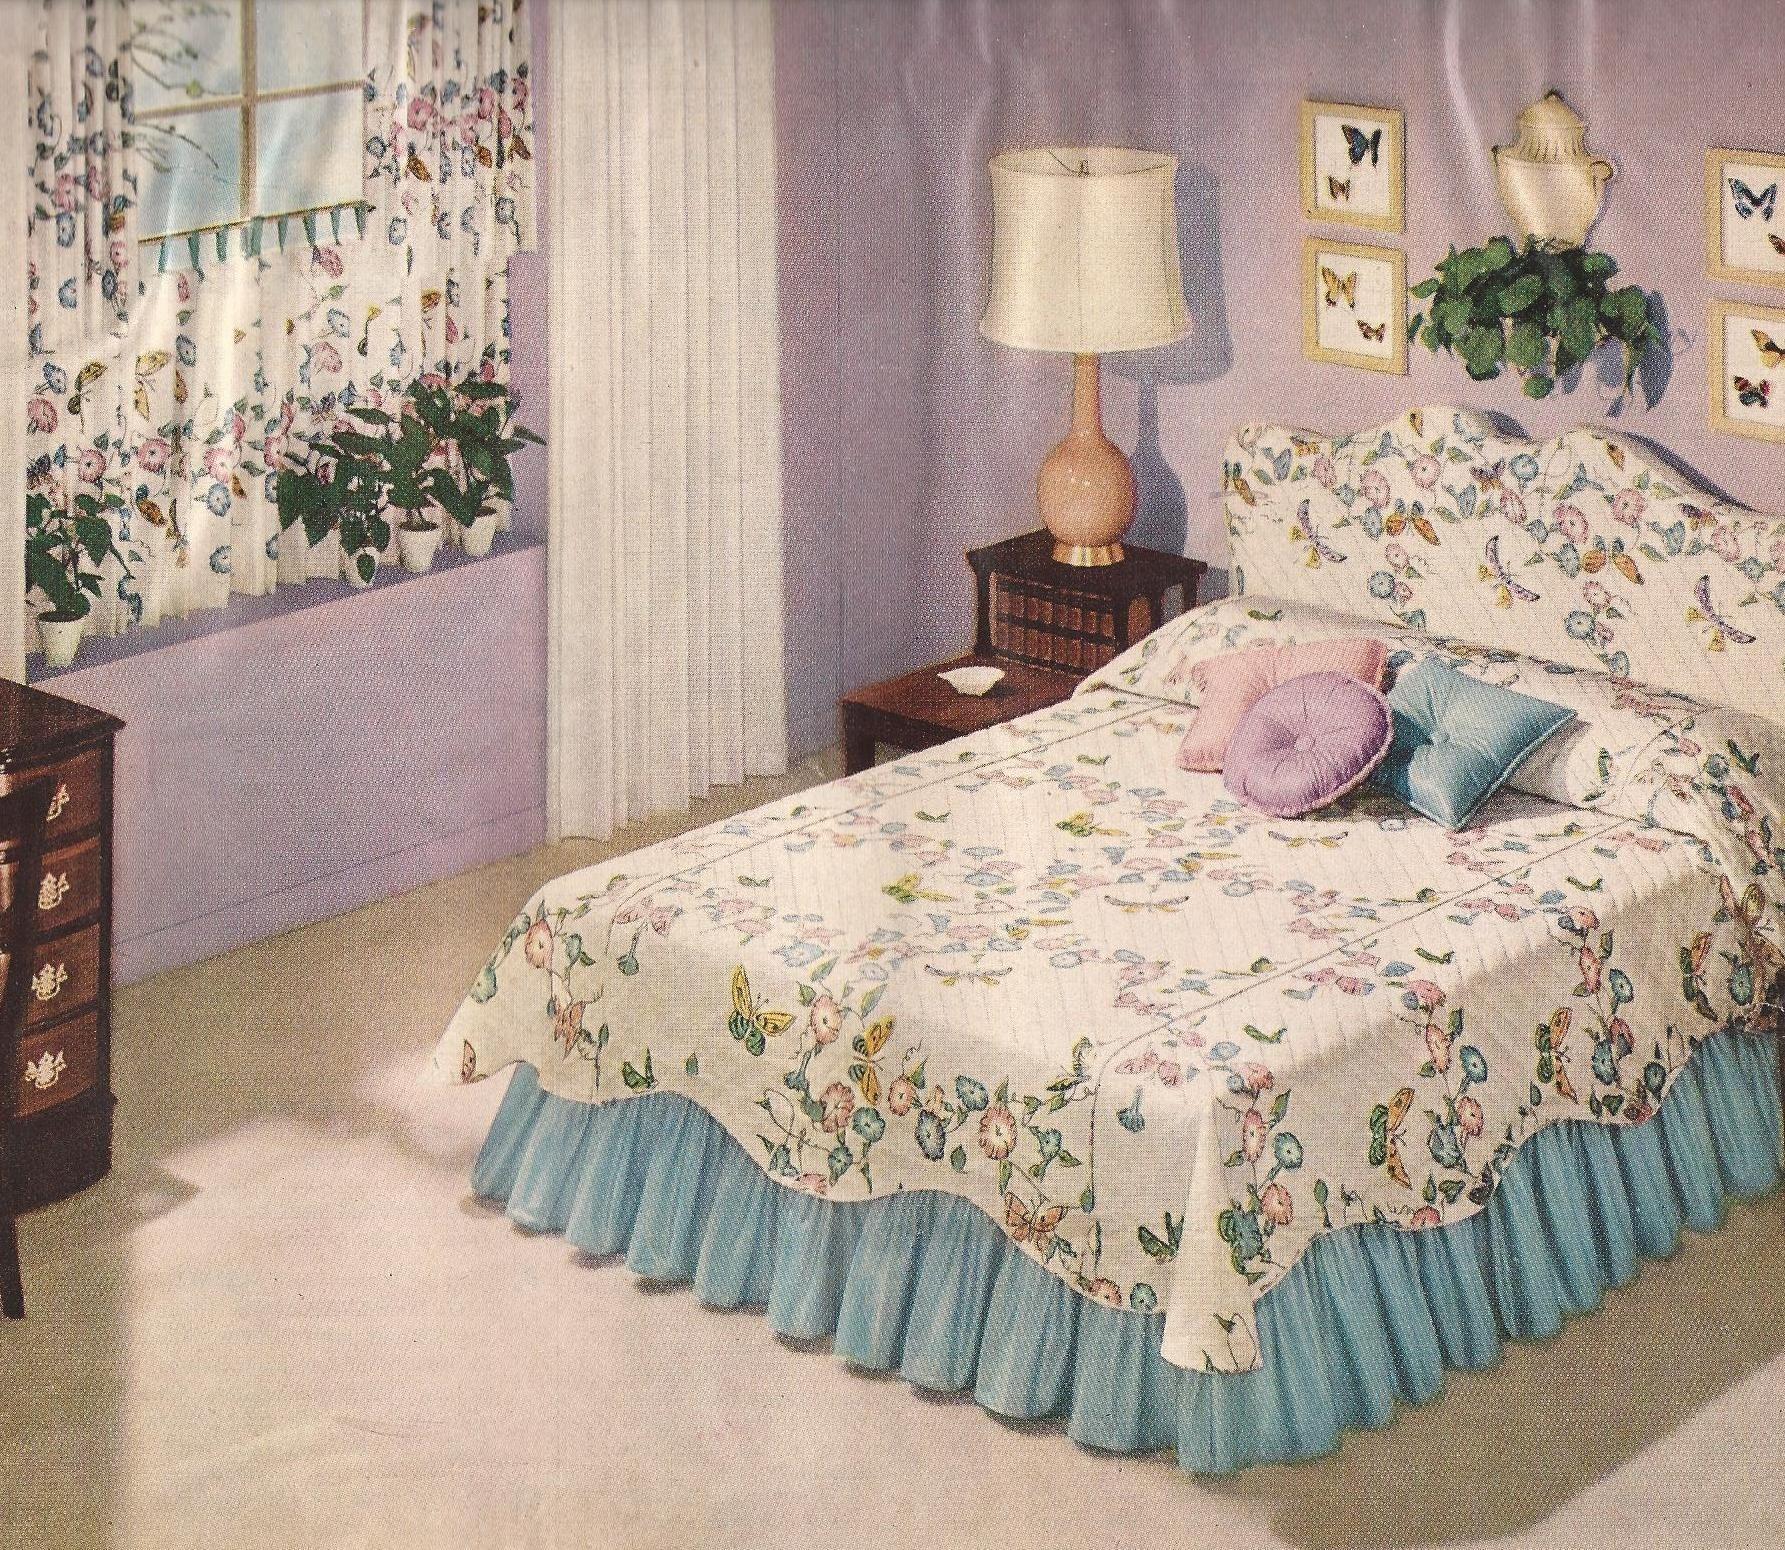 Retro Style Bedroom Ideas